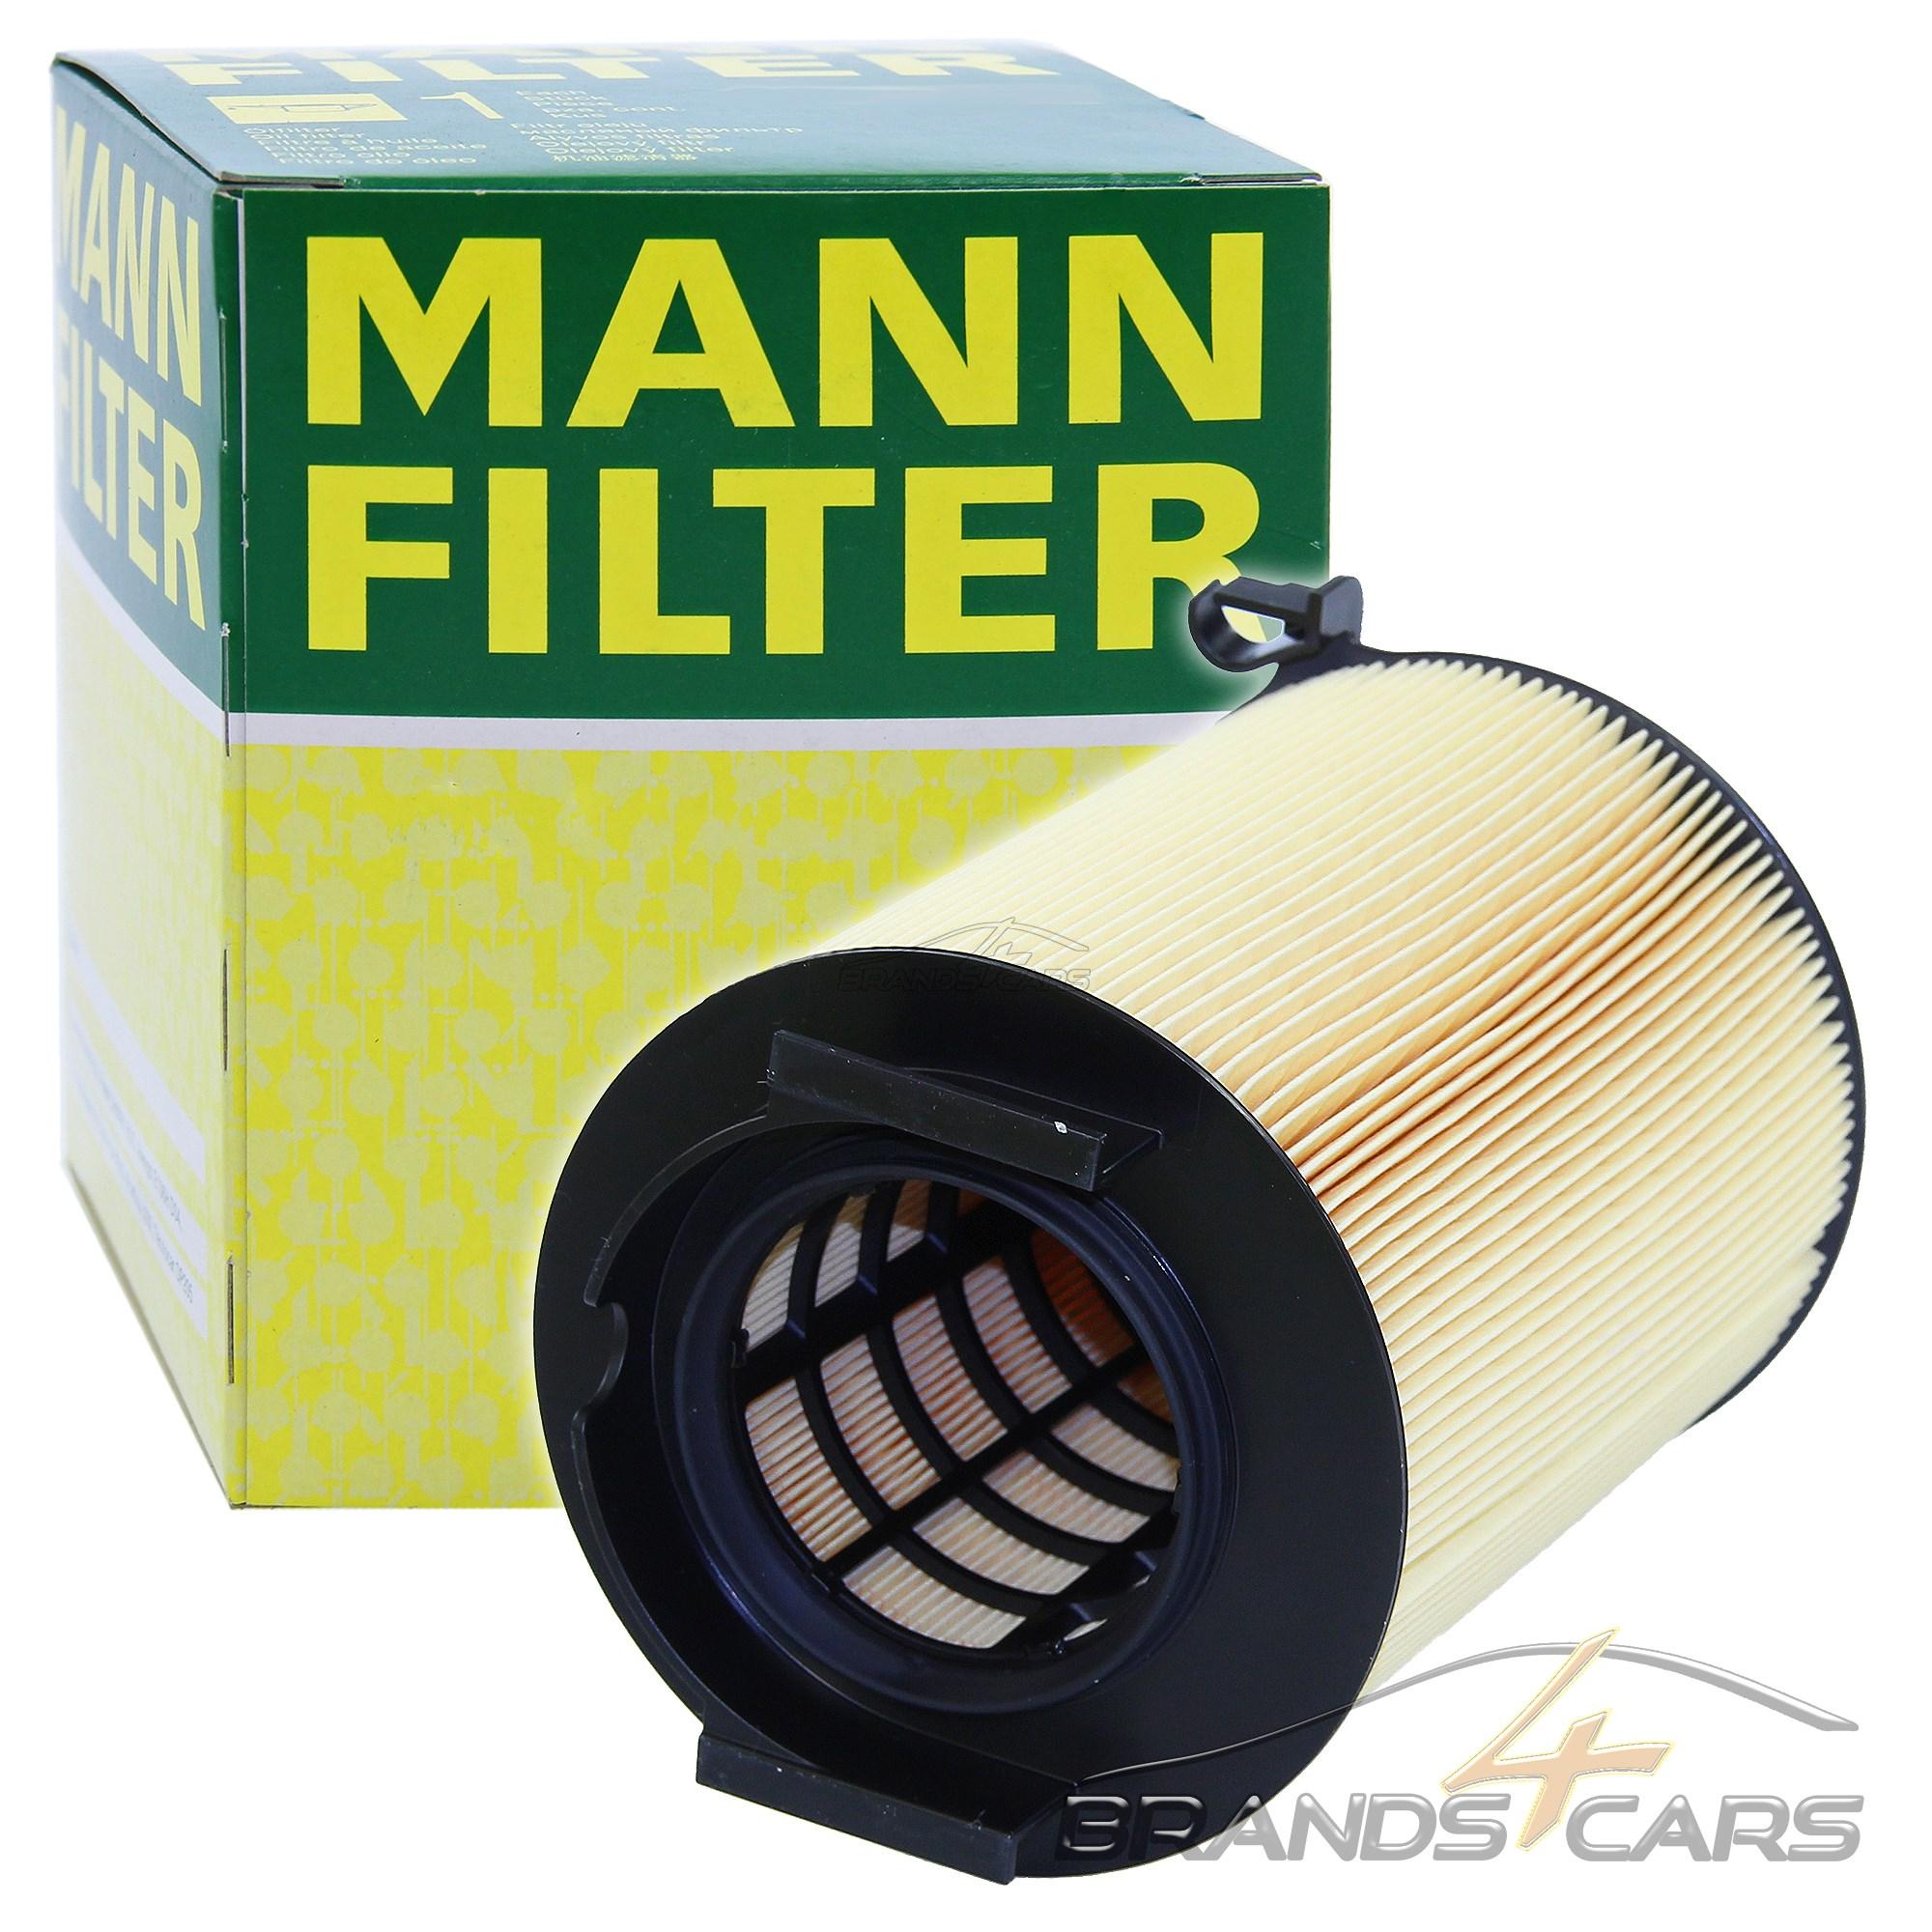 1x MANN-FILTER INSPEKTIONSPAKET FILTERSATZ D SKODA OCTAVIA 1Z 1.6 BJ 04-13